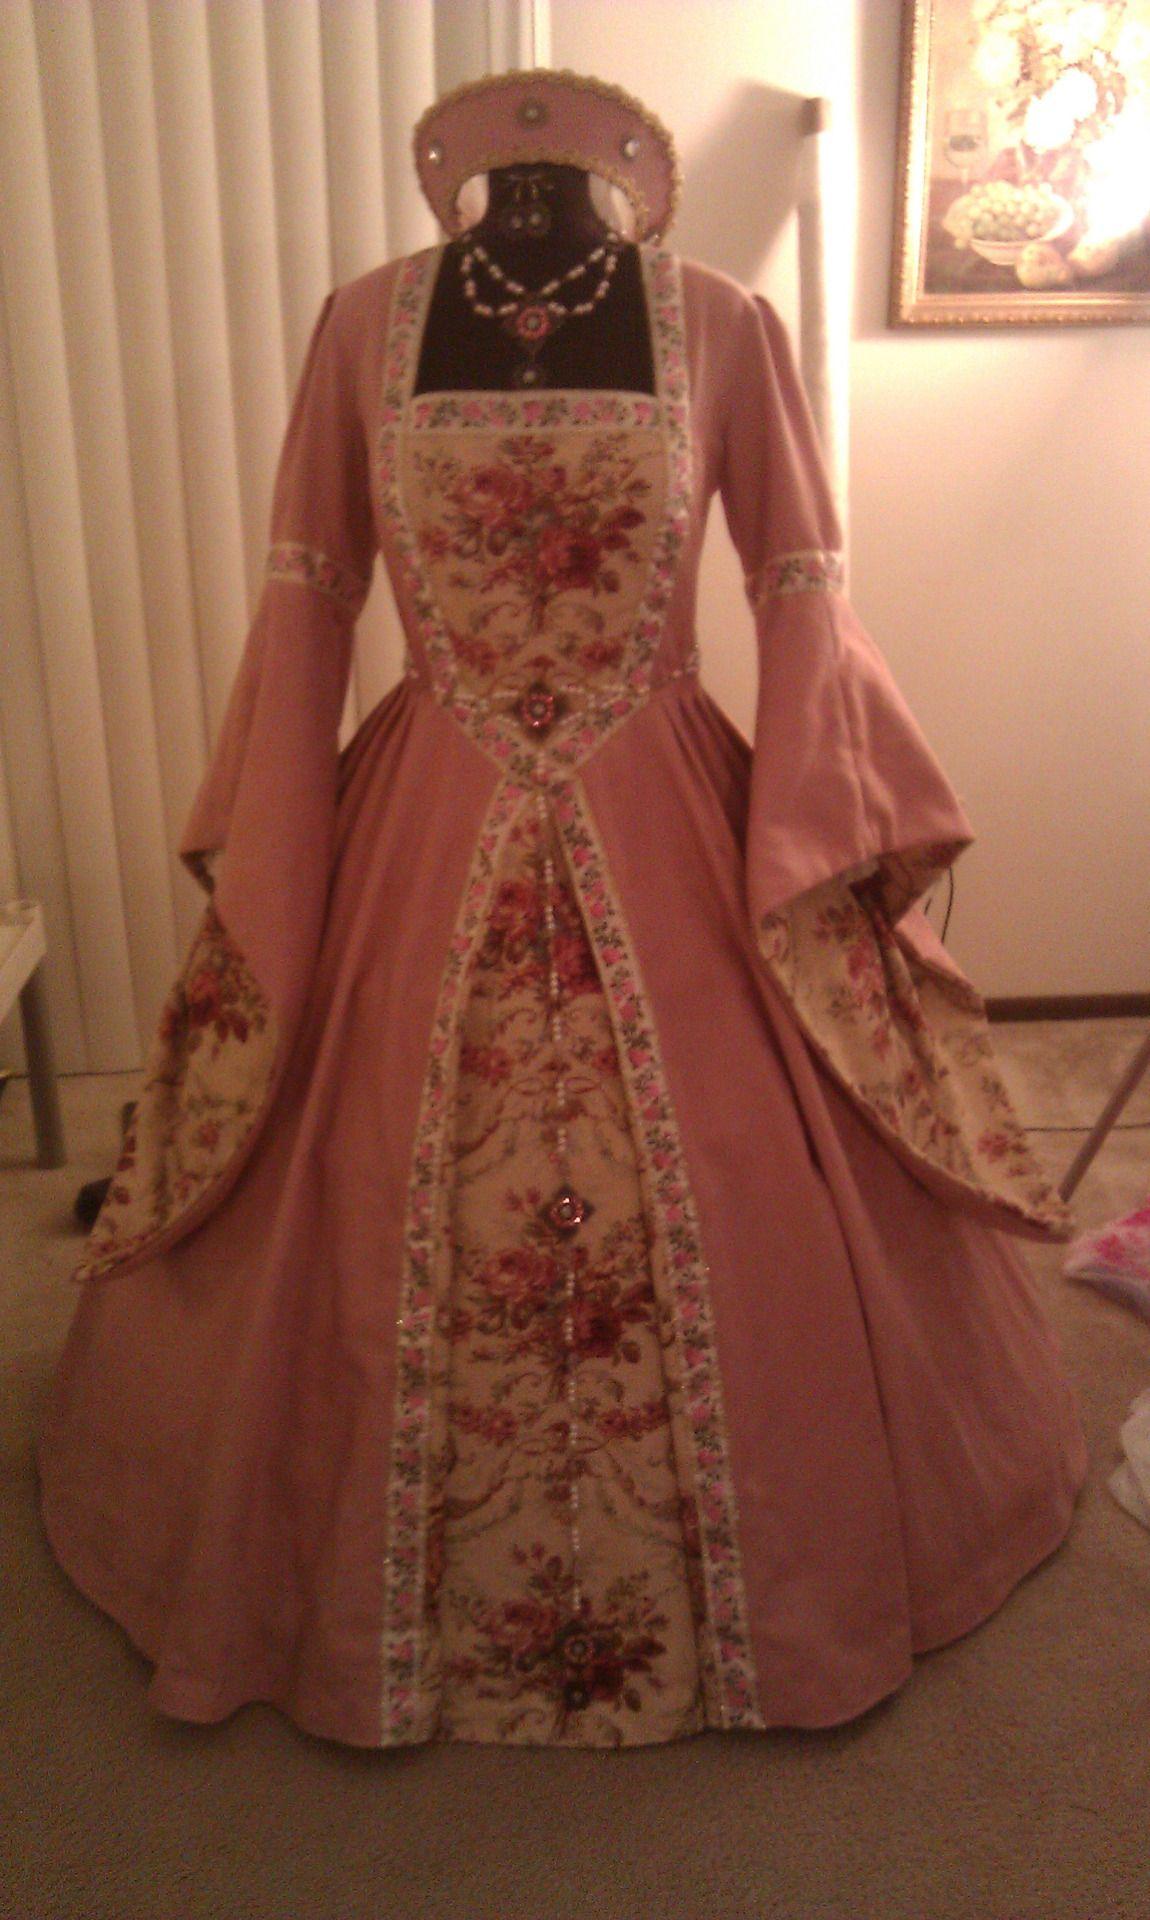 Tudor Costume Historical Dresses Renaissance Fashion Tudor Fashion [ 1920 x 1150 Pixel ]